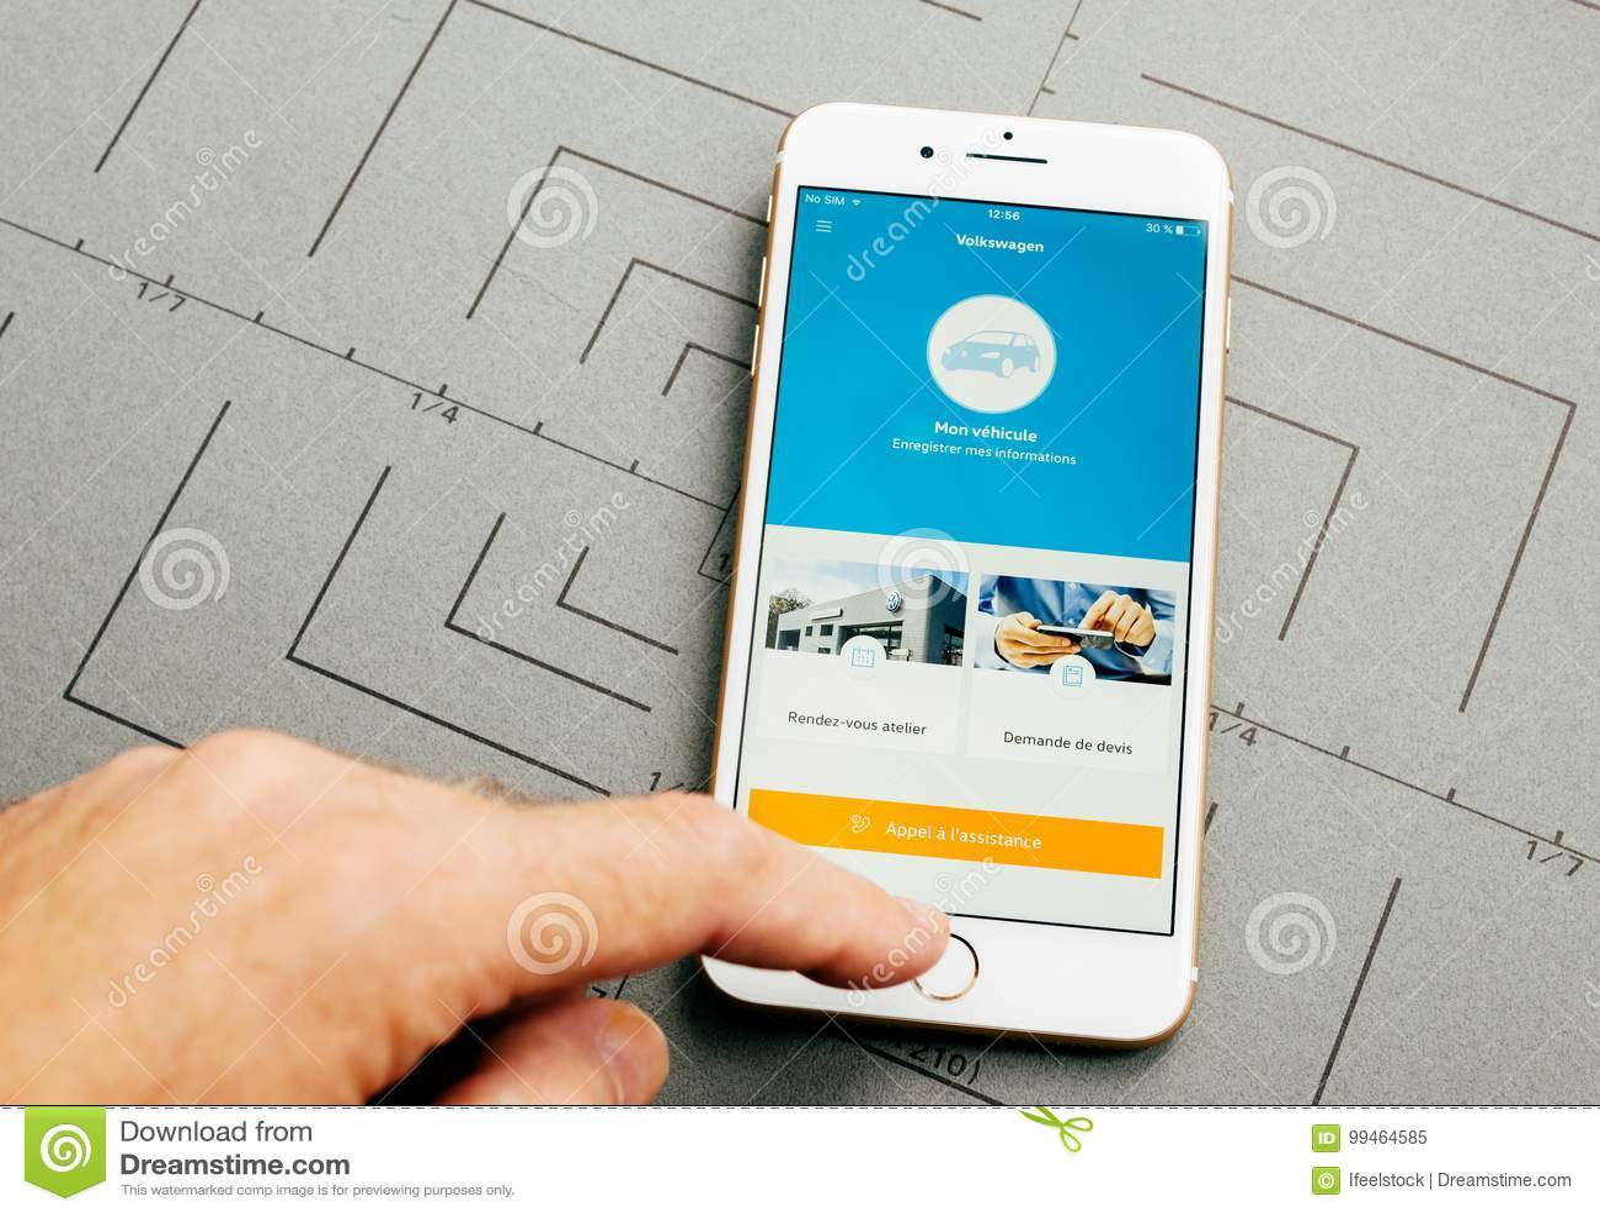 De dienst app van de Wolkswagenauto op iPhone 7 plus de zachte toepassing